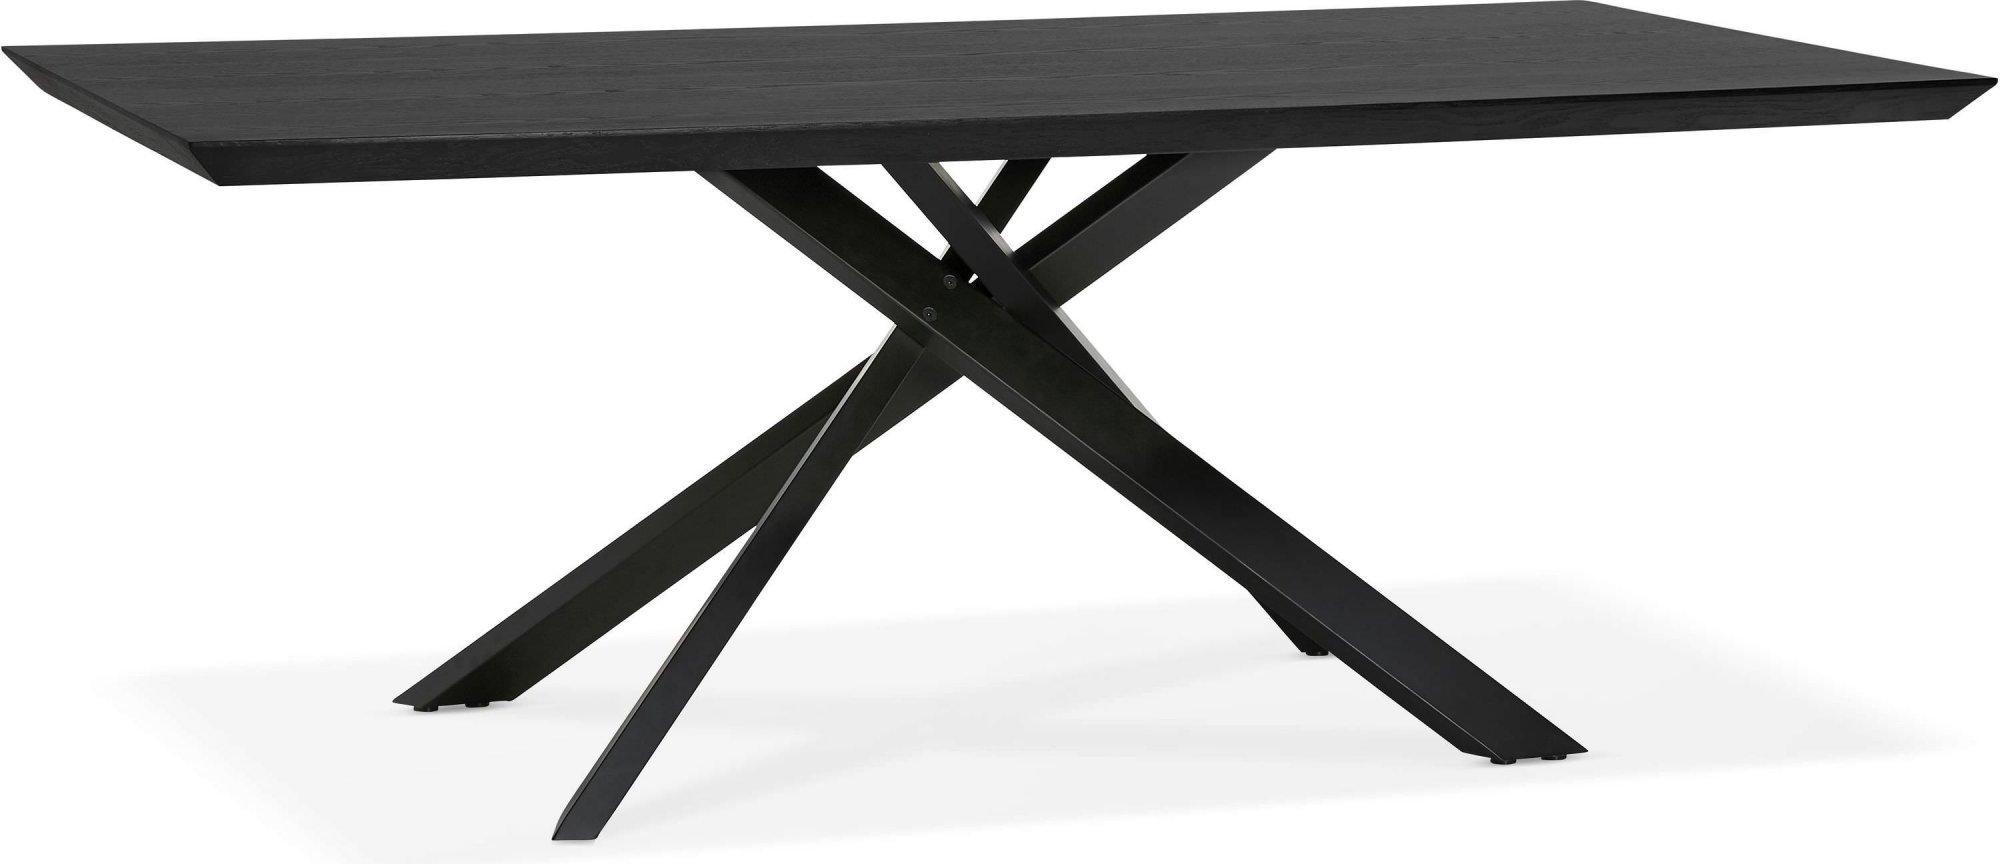 Table a diner plateau bois noir pieds noir 8 places l200cm